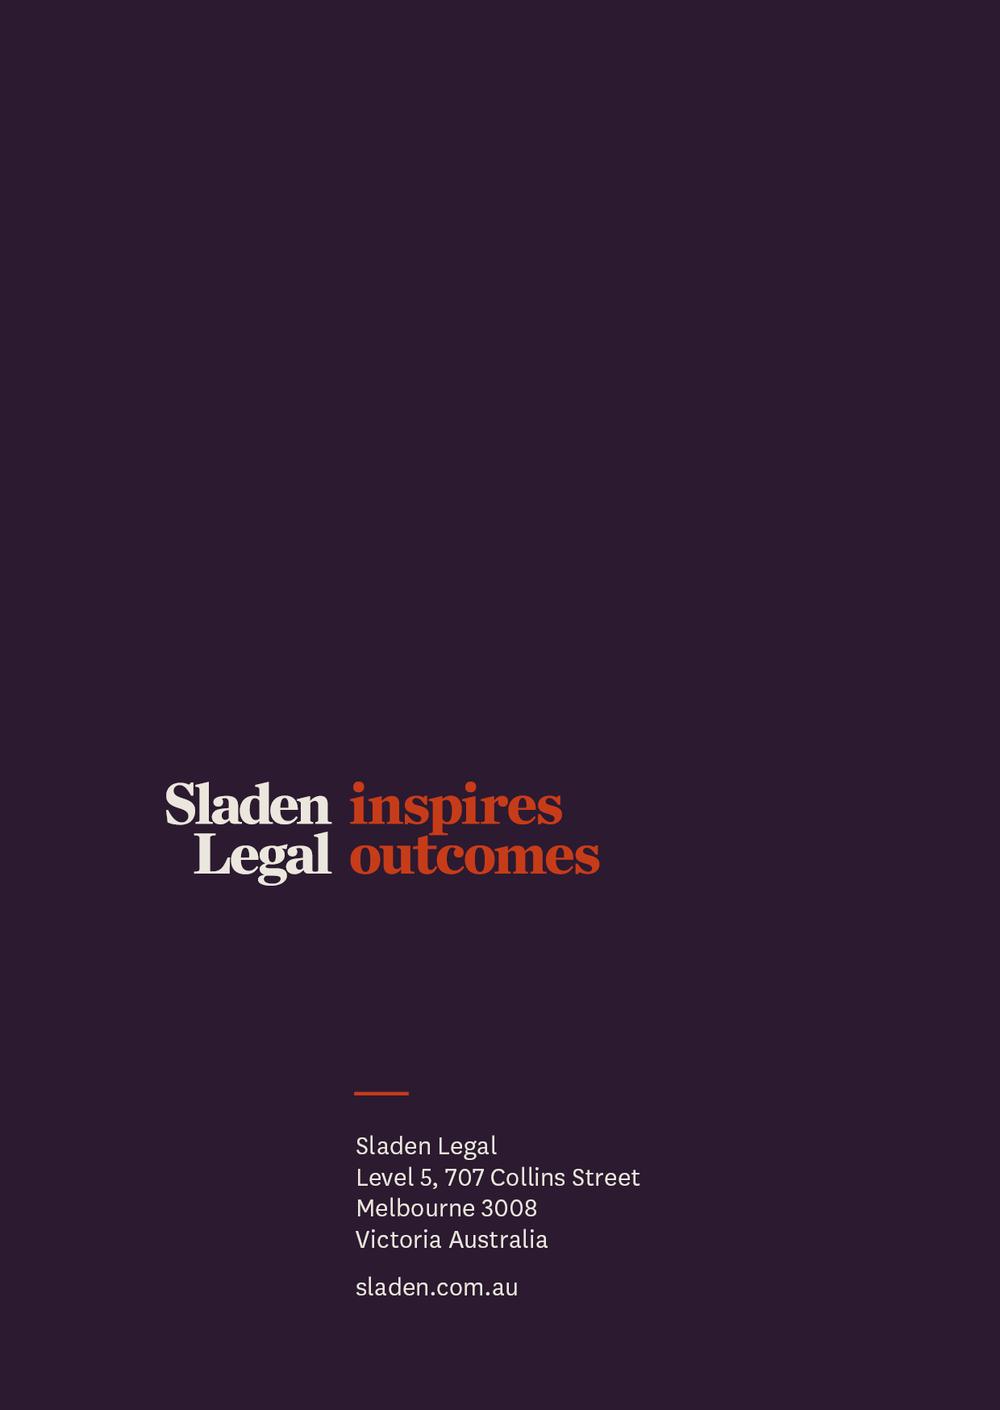 10255_Sladen_A5_Brand_Book_CMYK_06.1_LR32.png